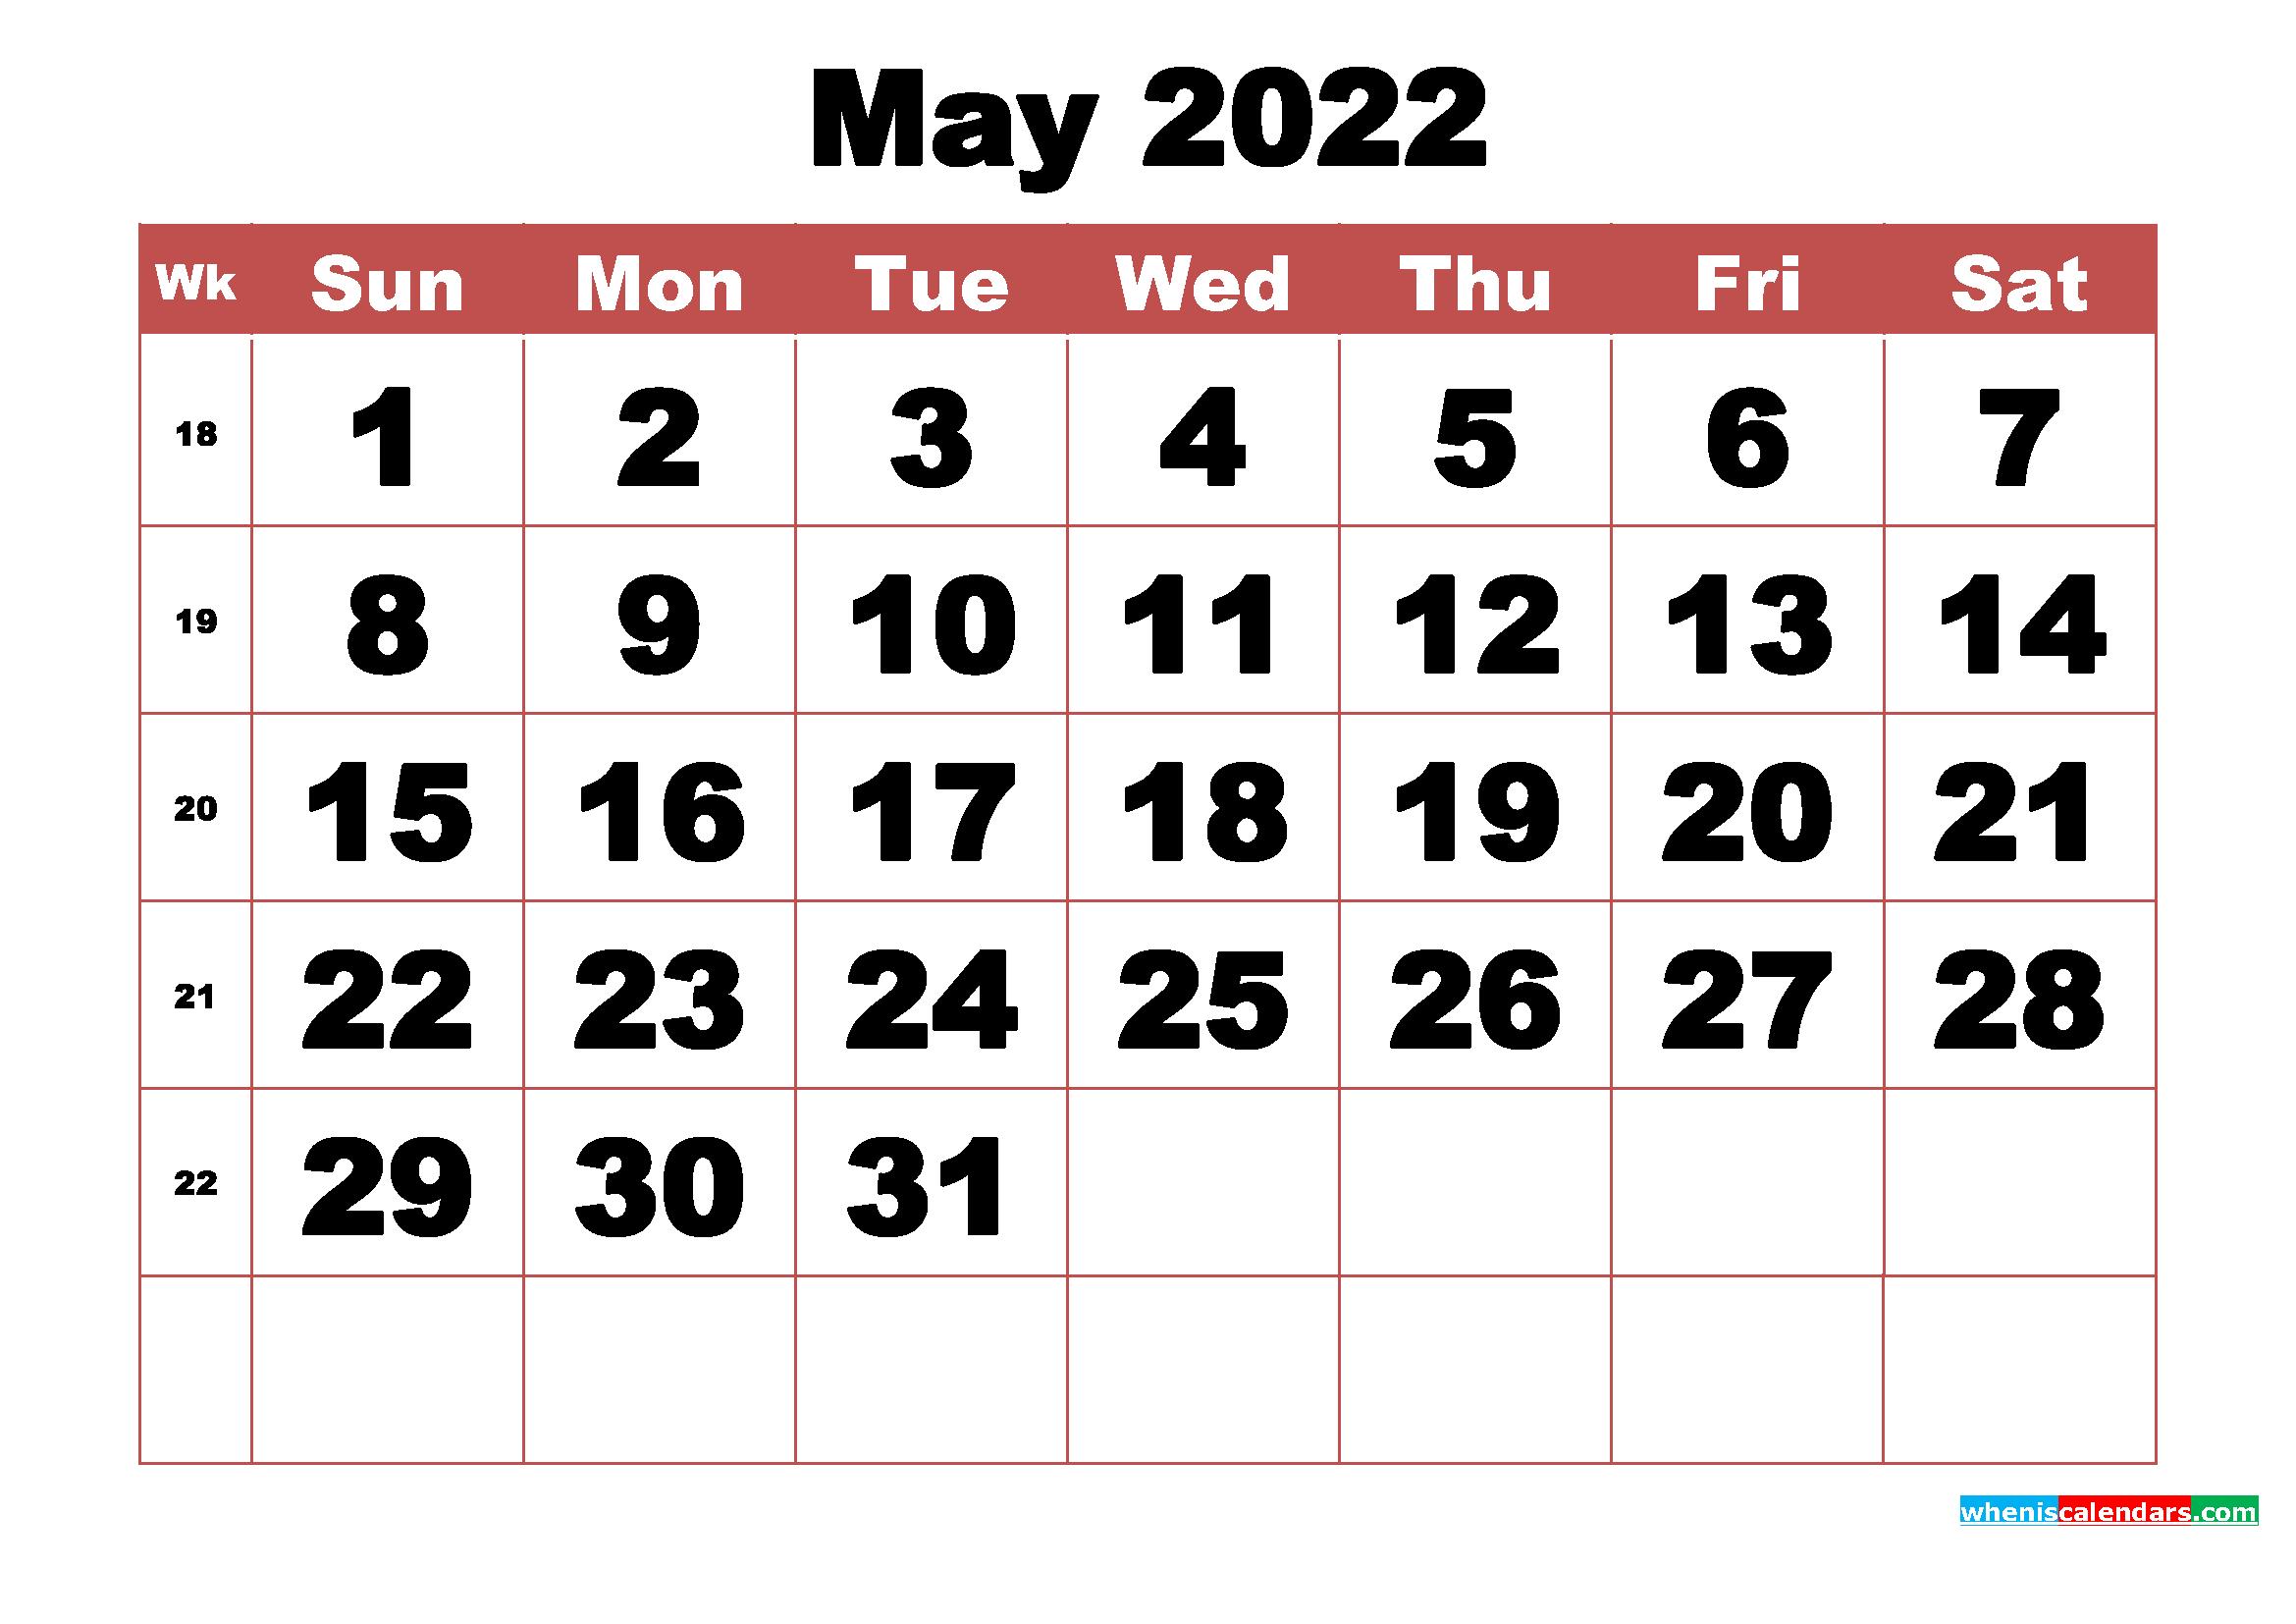 Free Printable May 2022 Calendar With Week Numbers - Free within Free Printable 2022 Planner With Holidays